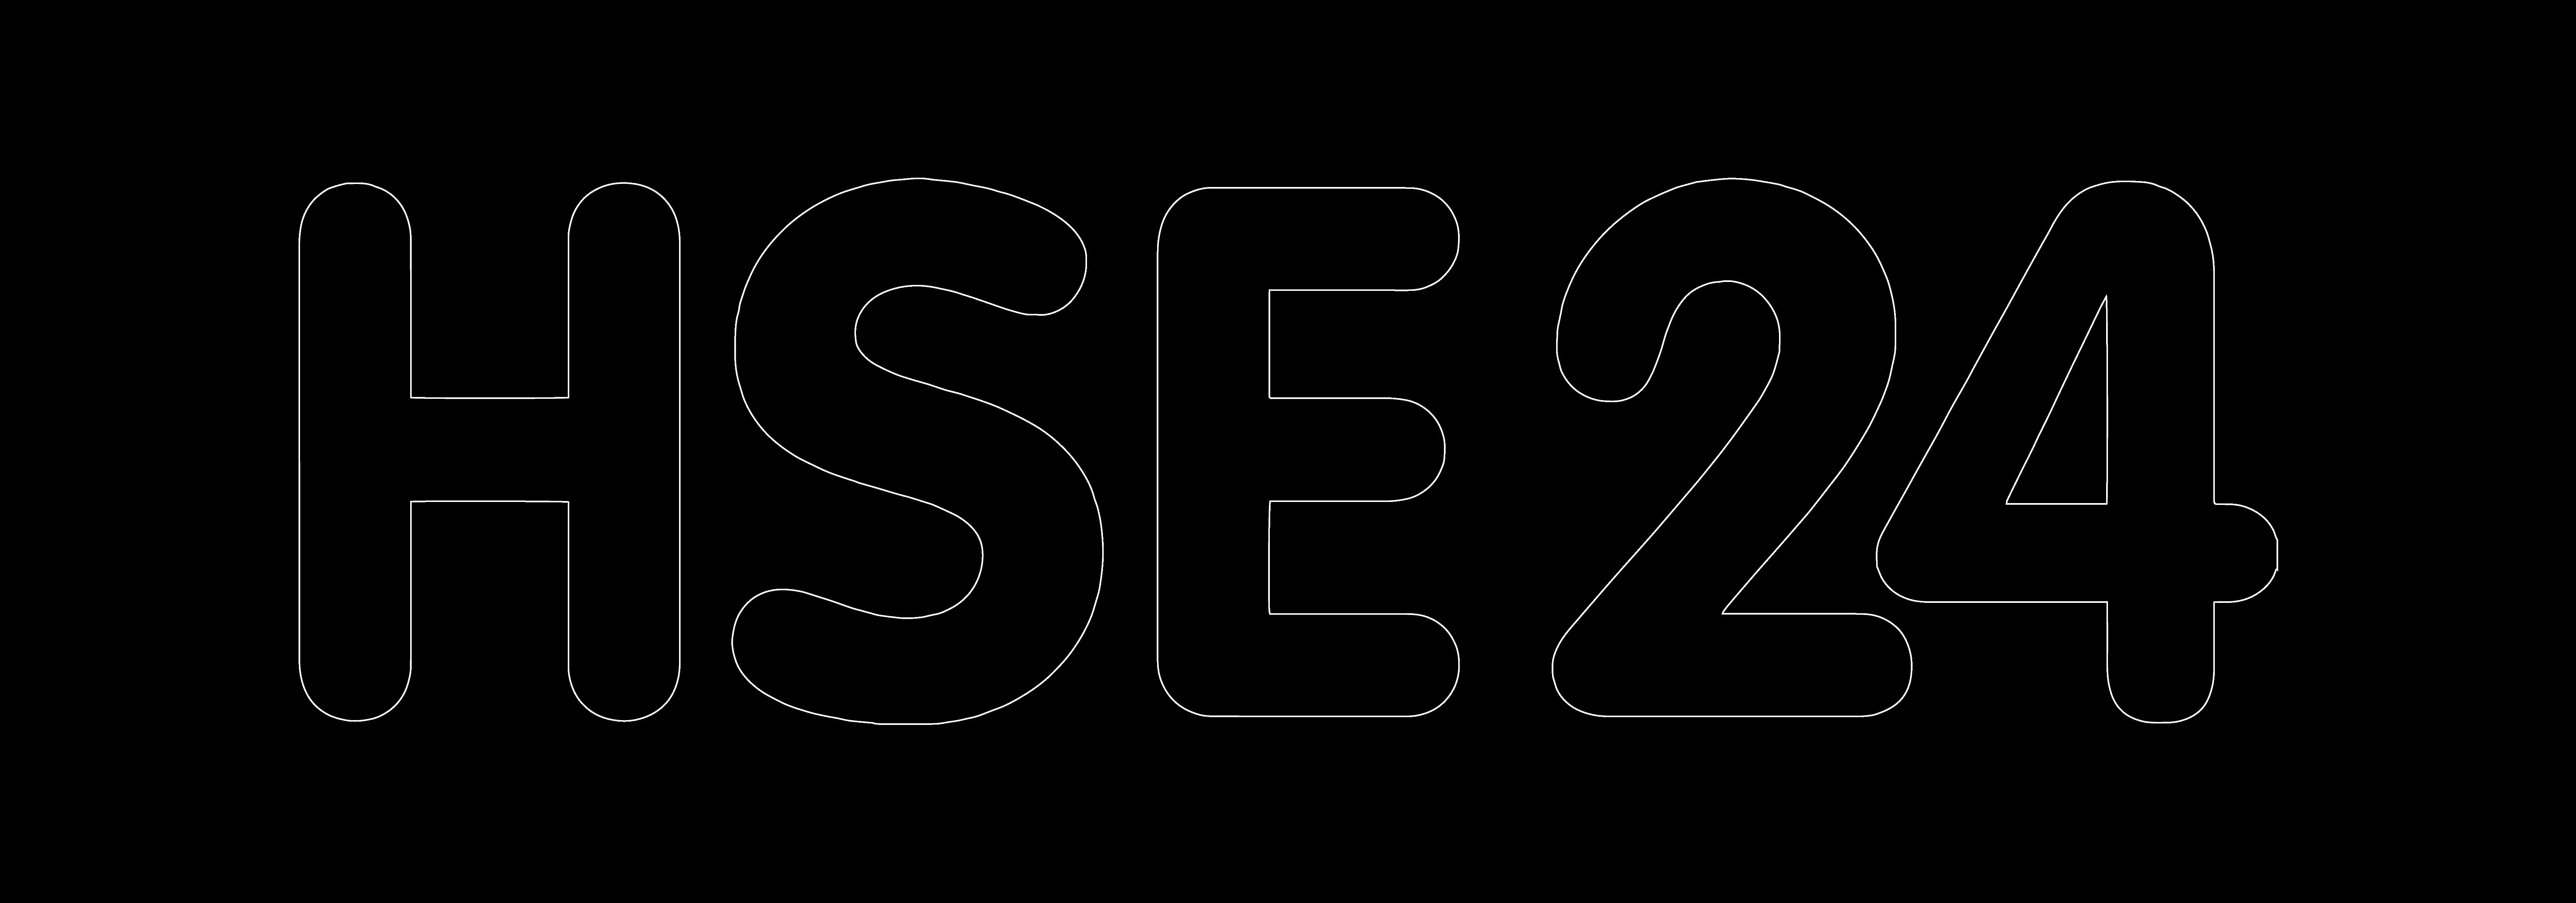 hse24_black-01